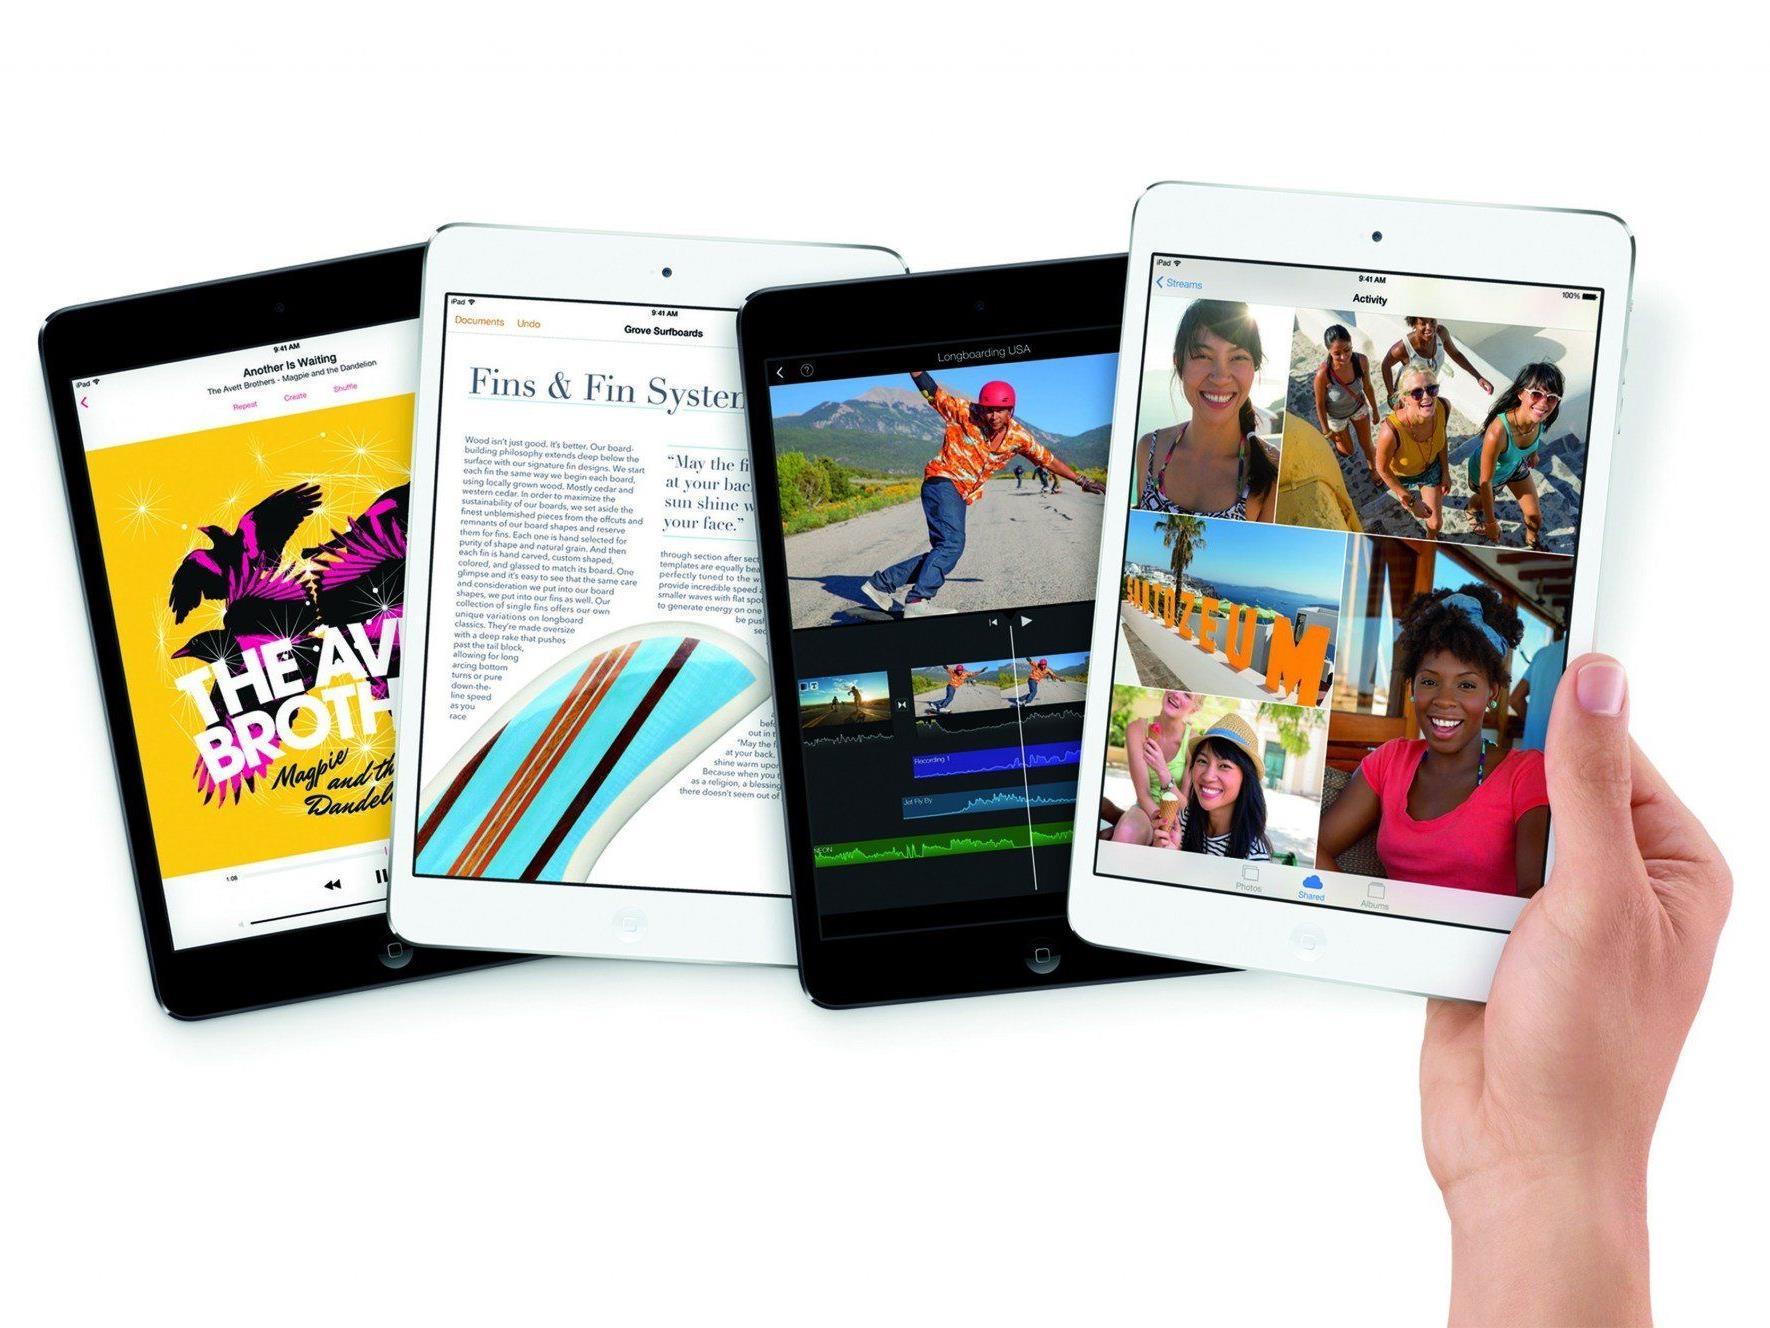 Keine großen Neuerungen, dafür werden iPads und iPhones perfektioniert.